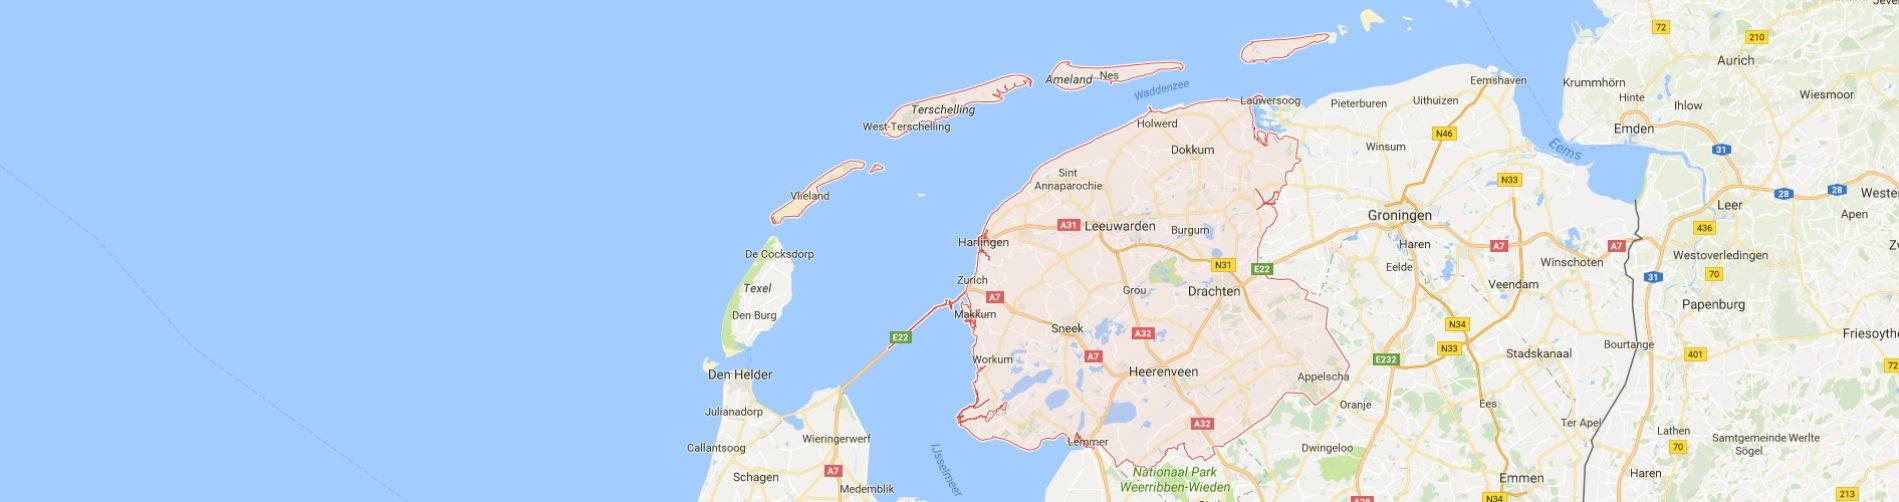 Particuliere Thuiszorg Nederland in Friesland